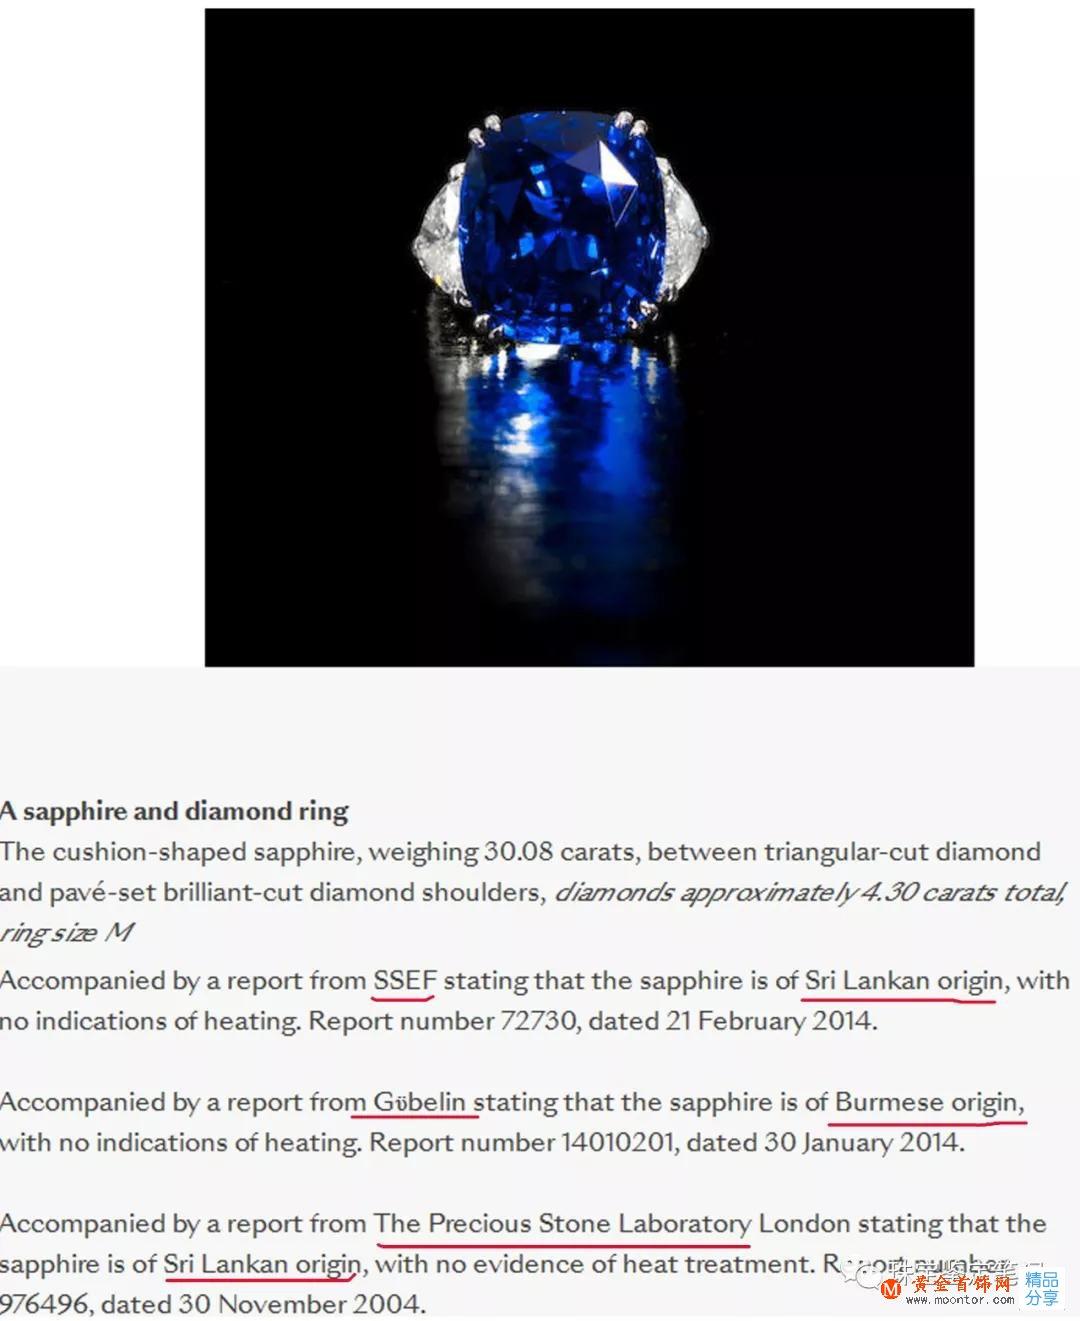 """一粒价值300万的蓝宝石,两个产地鉴定结论,到底是""""缅甸""""还是""""斯里兰卡""""呢?"""